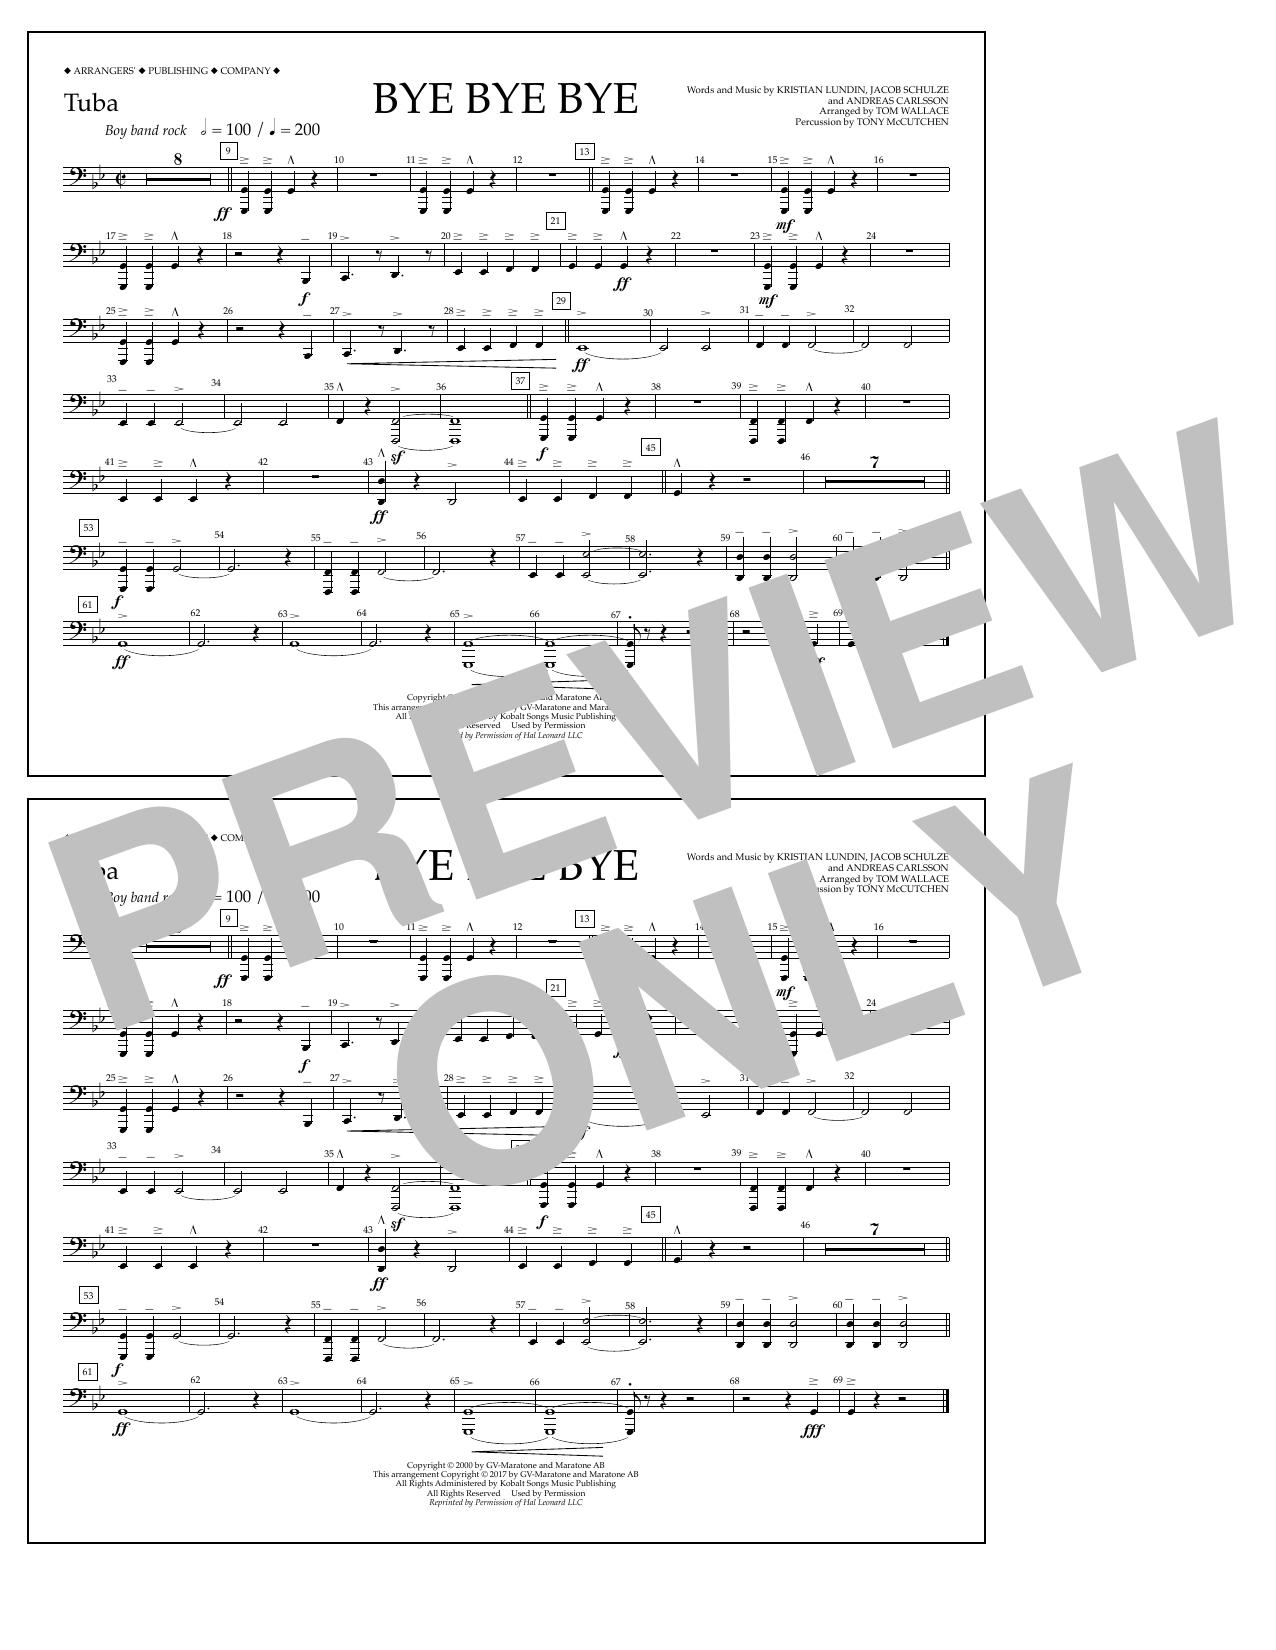 Bye Bye Bye - Tuba Sheet Music